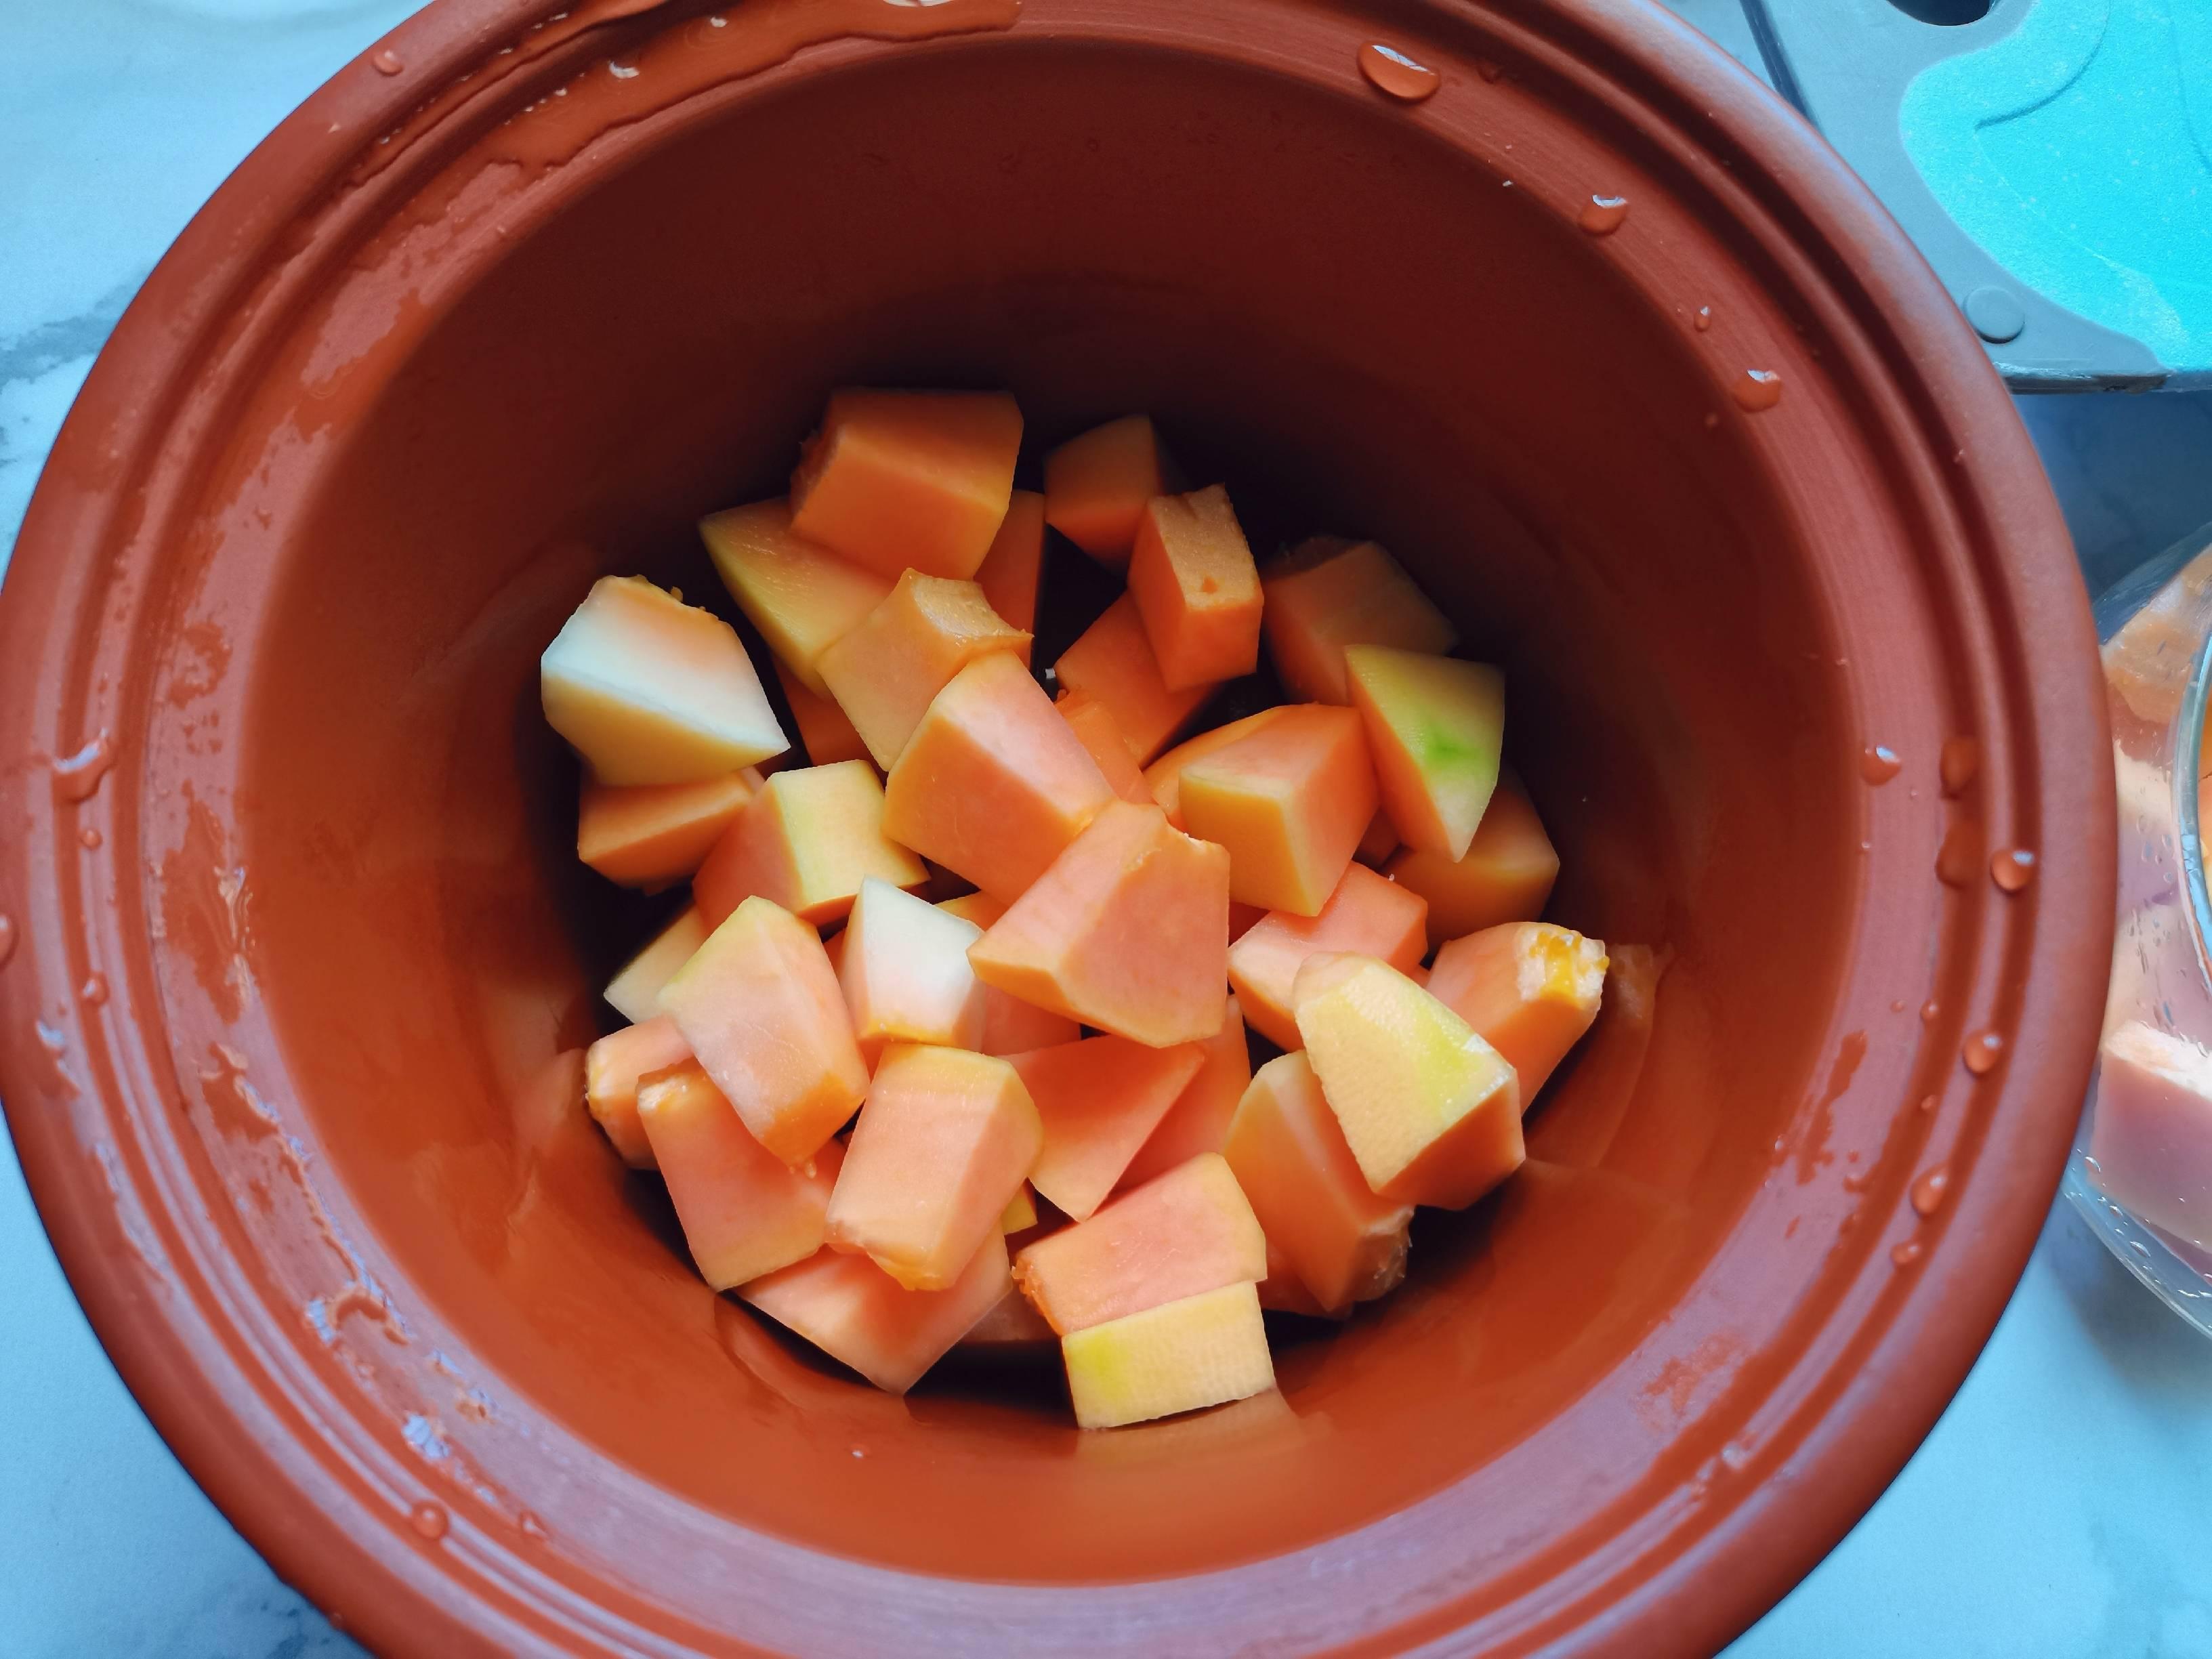 木瓜炖牛奶怎么吃